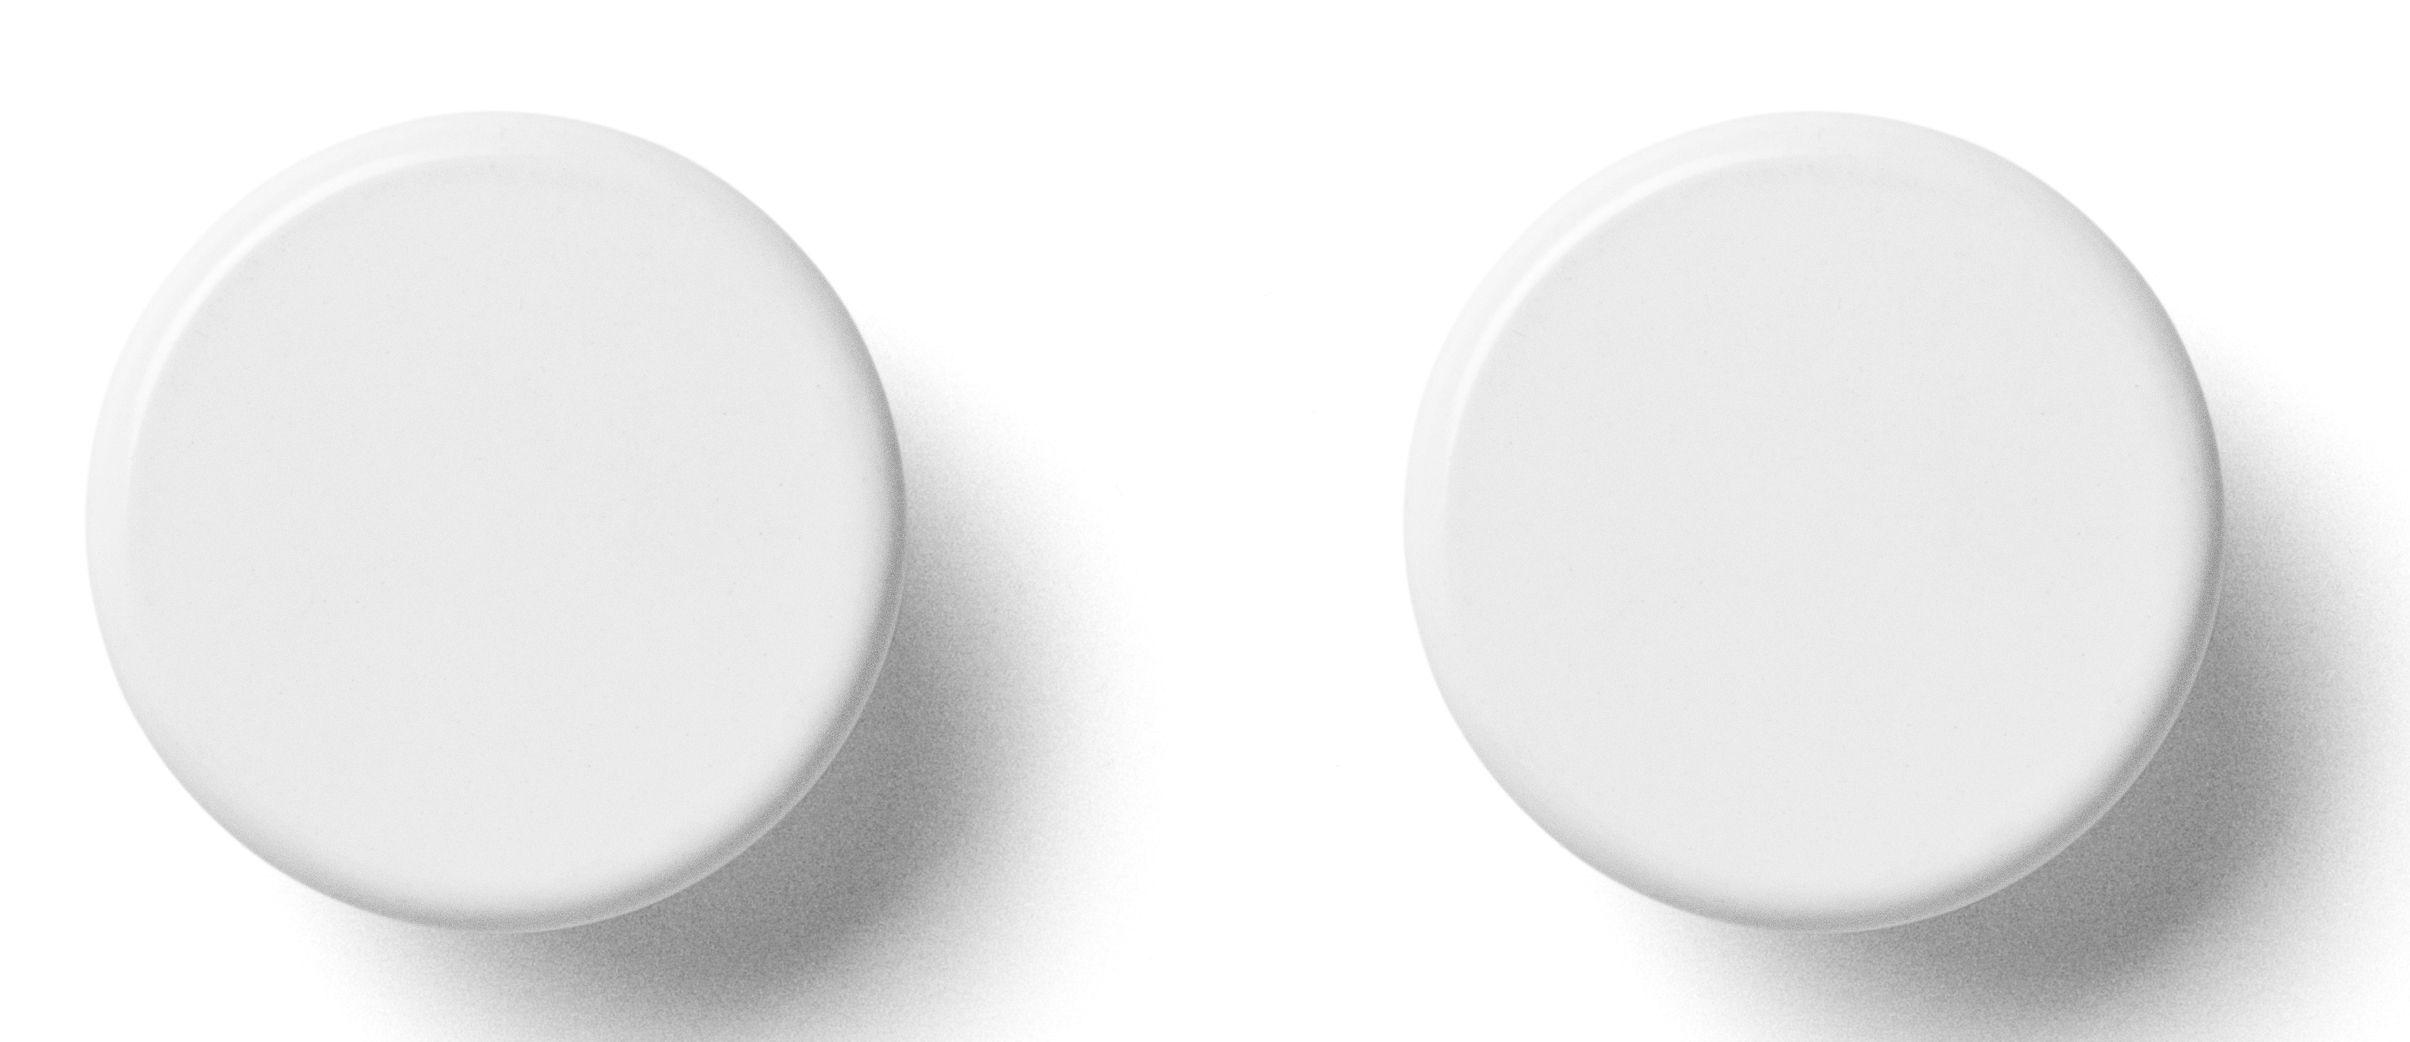 Furniture - Coat Racks & Pegs - Hook - Set of 2 by Menu - White - Steel